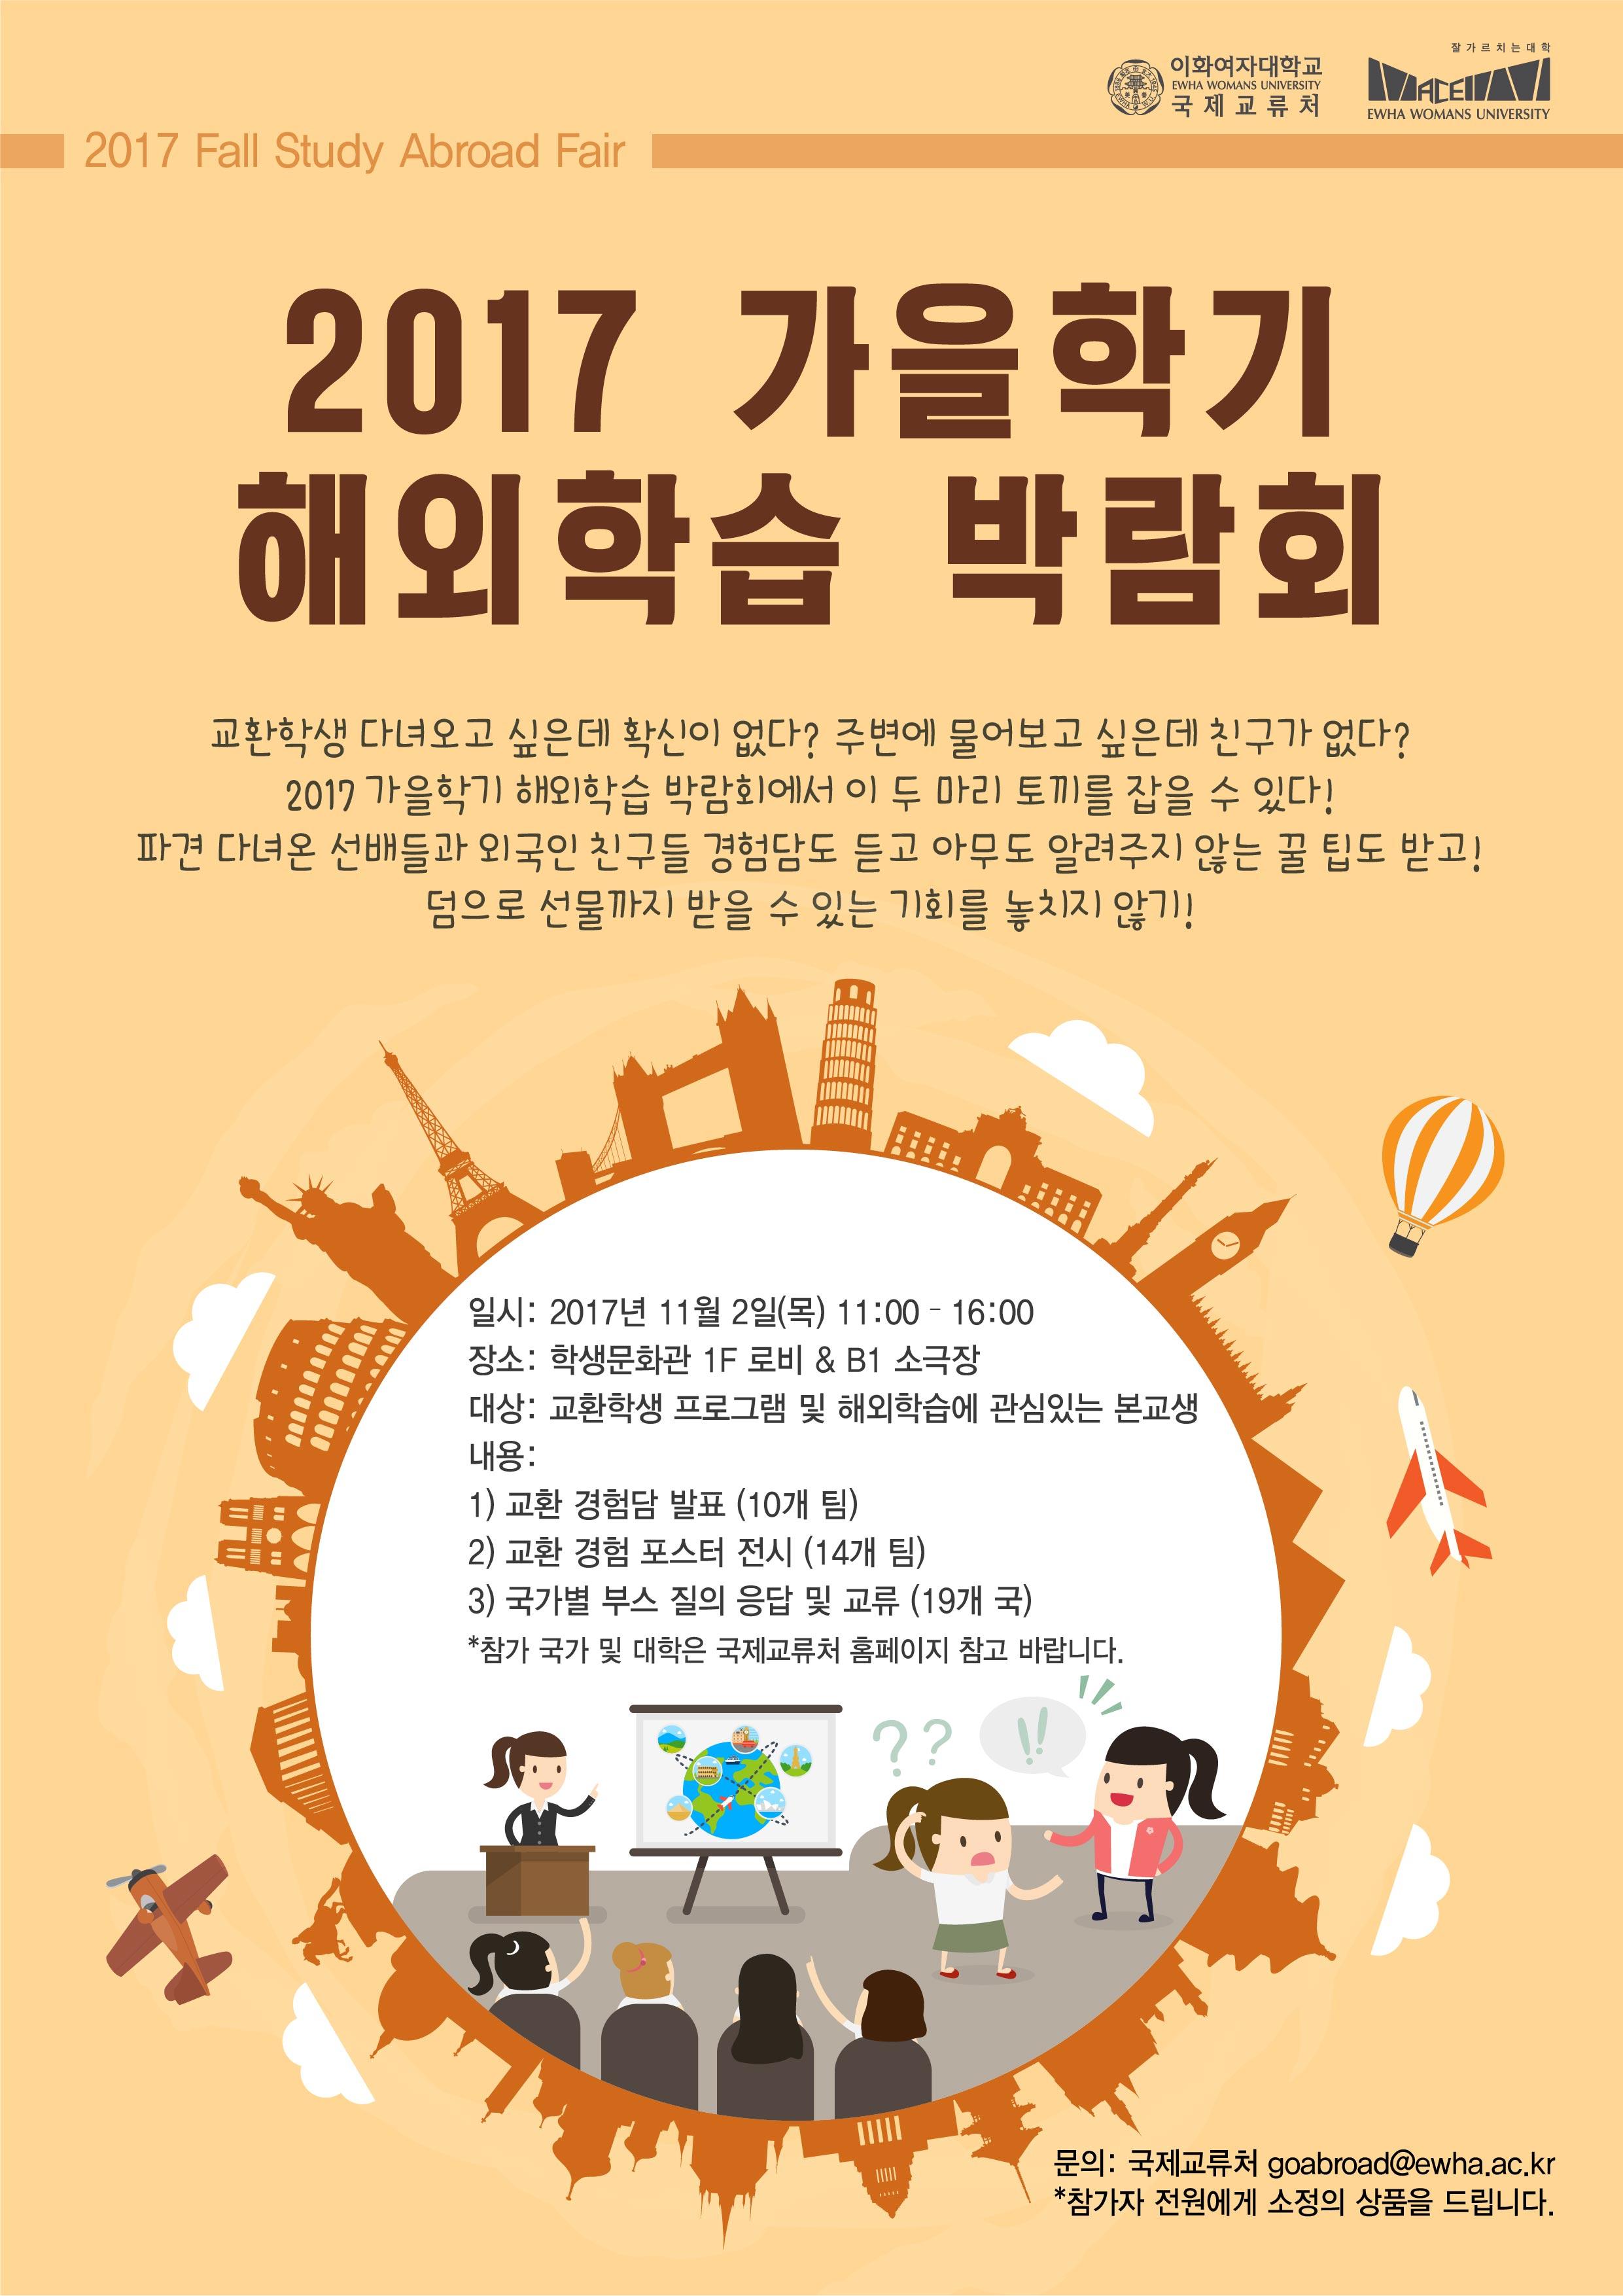 2017 가을학기 해외학습 박람회